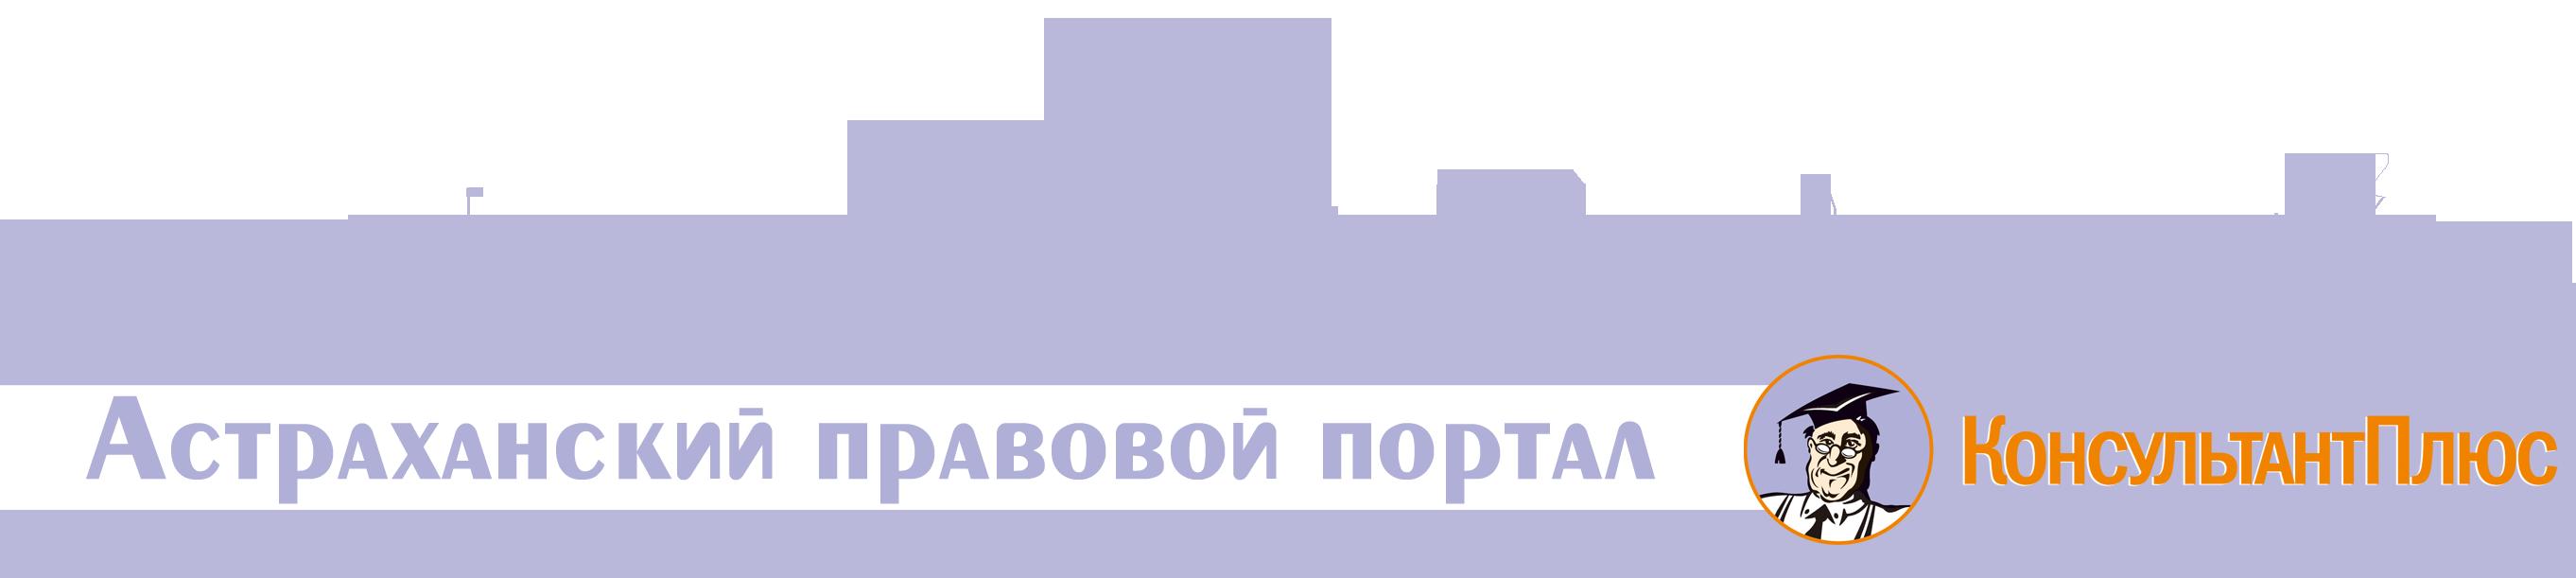 """Астраханский правовой портал """"КонсультантПлюс"""""""